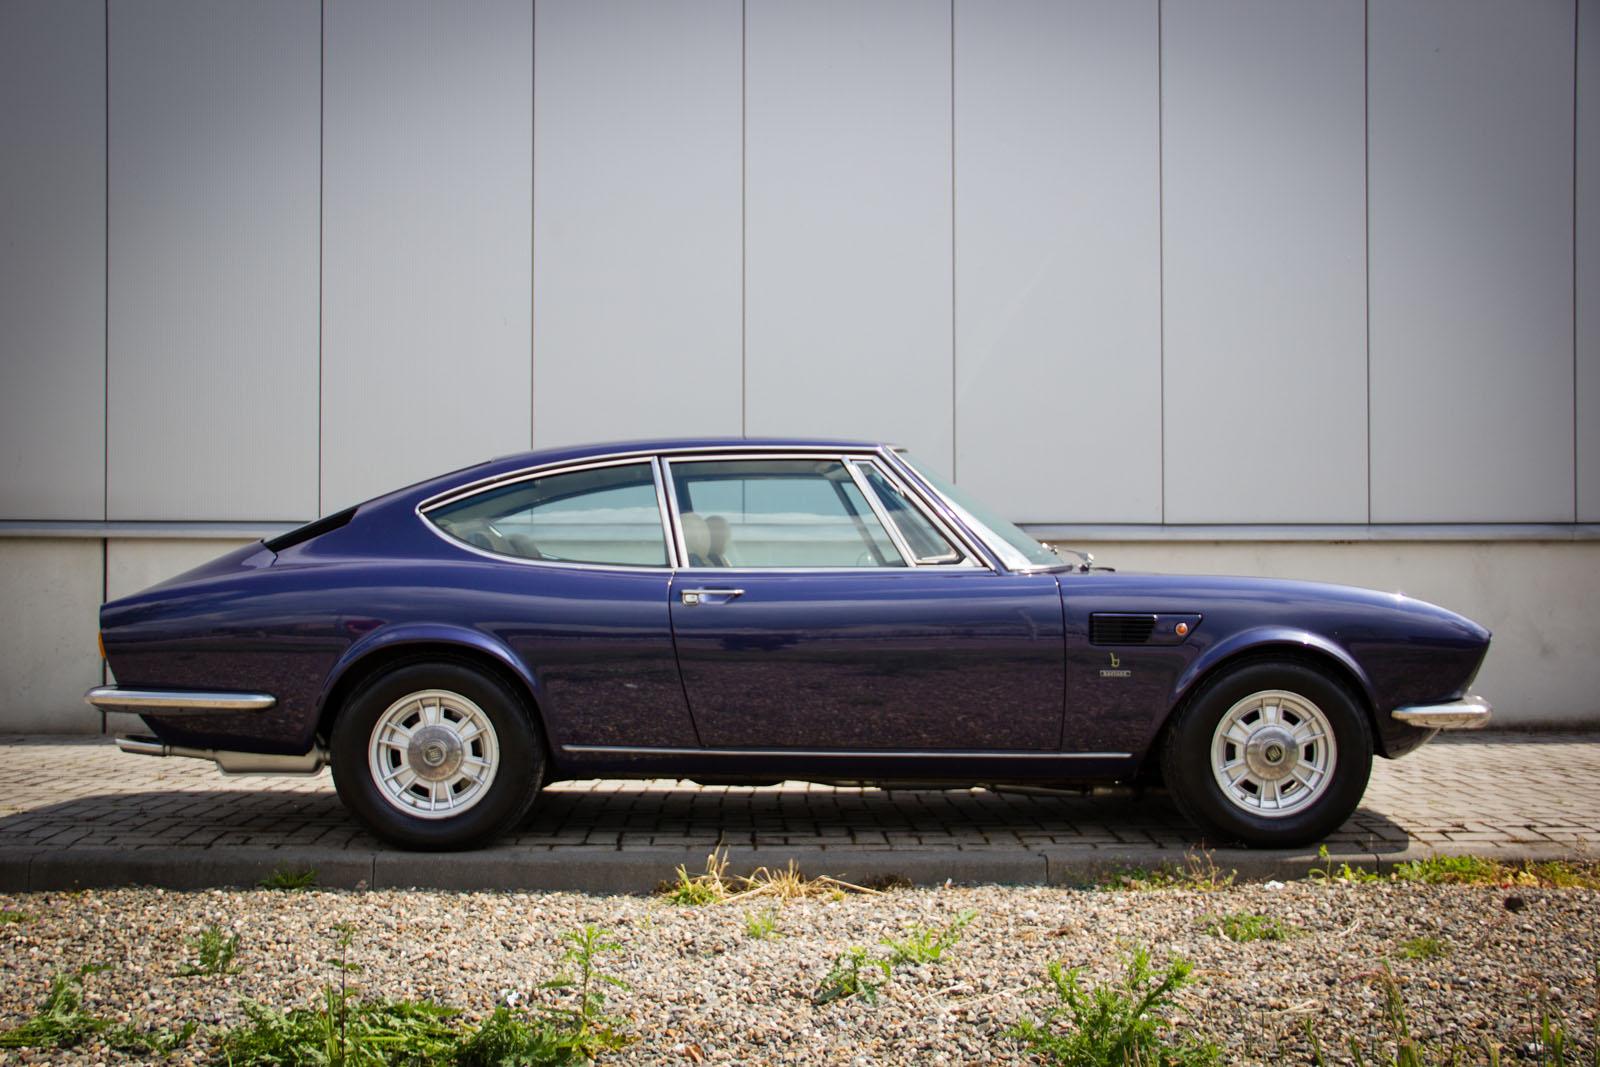 Fiat-Dino-oldtimerland-1.jpg